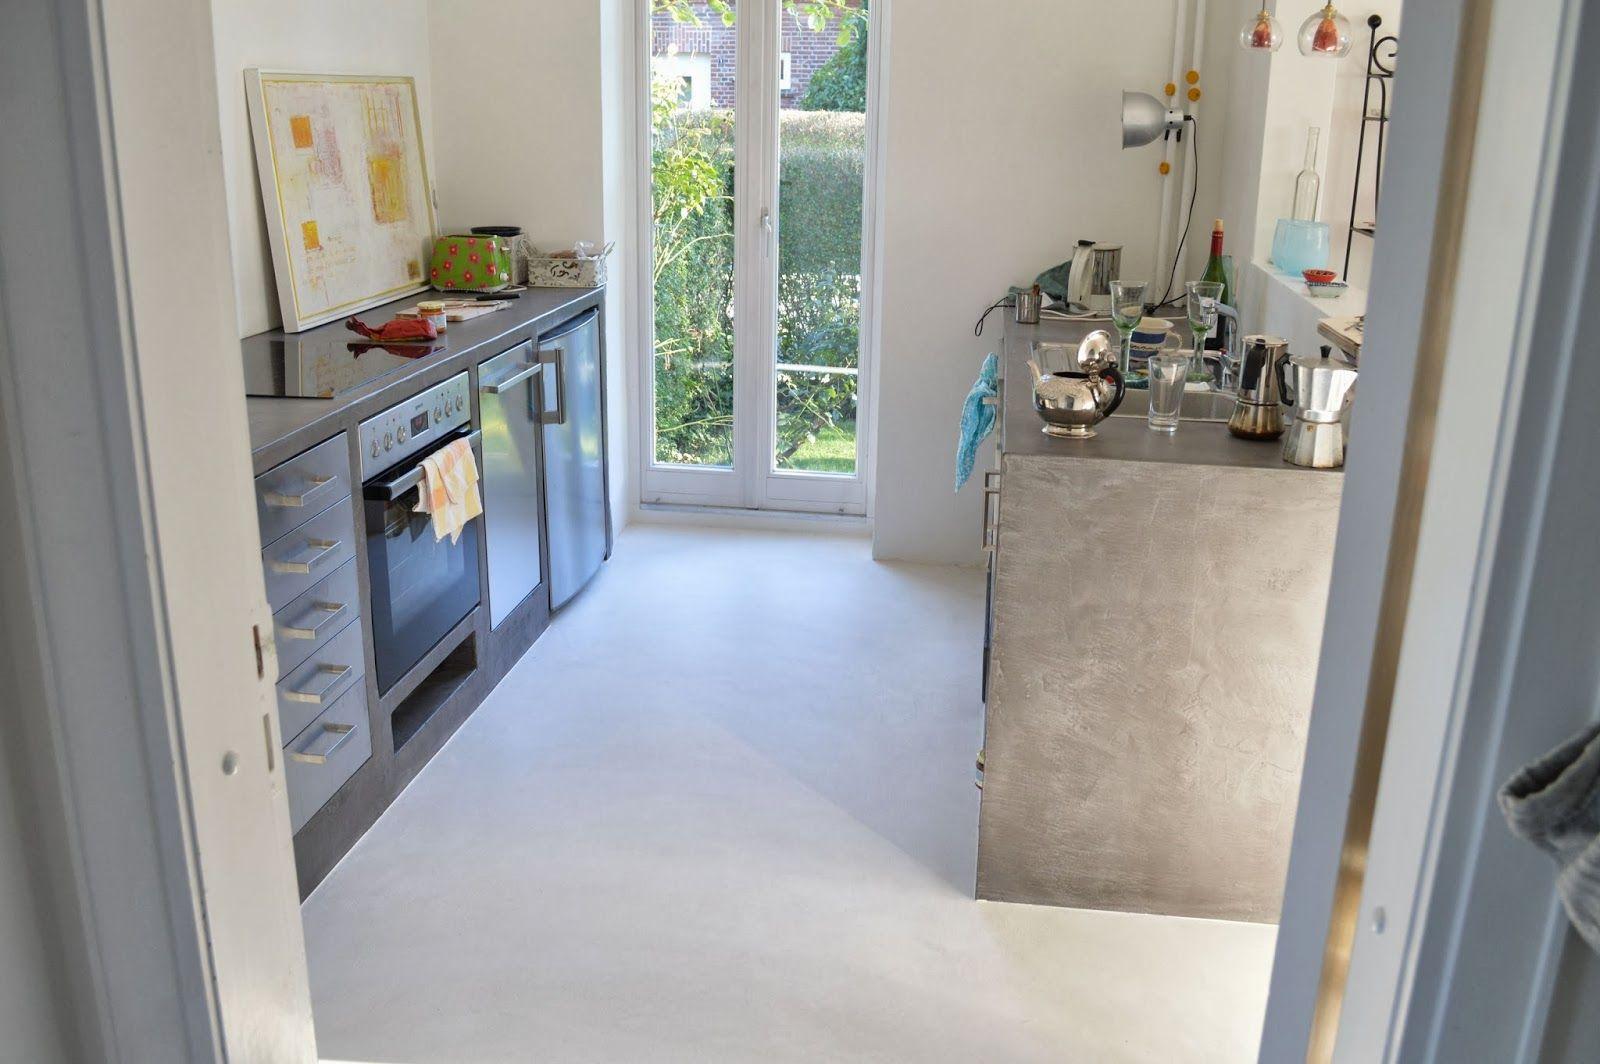 Beton Cire Kosten beton cire beton floor preise betonoptik microtopping kosten